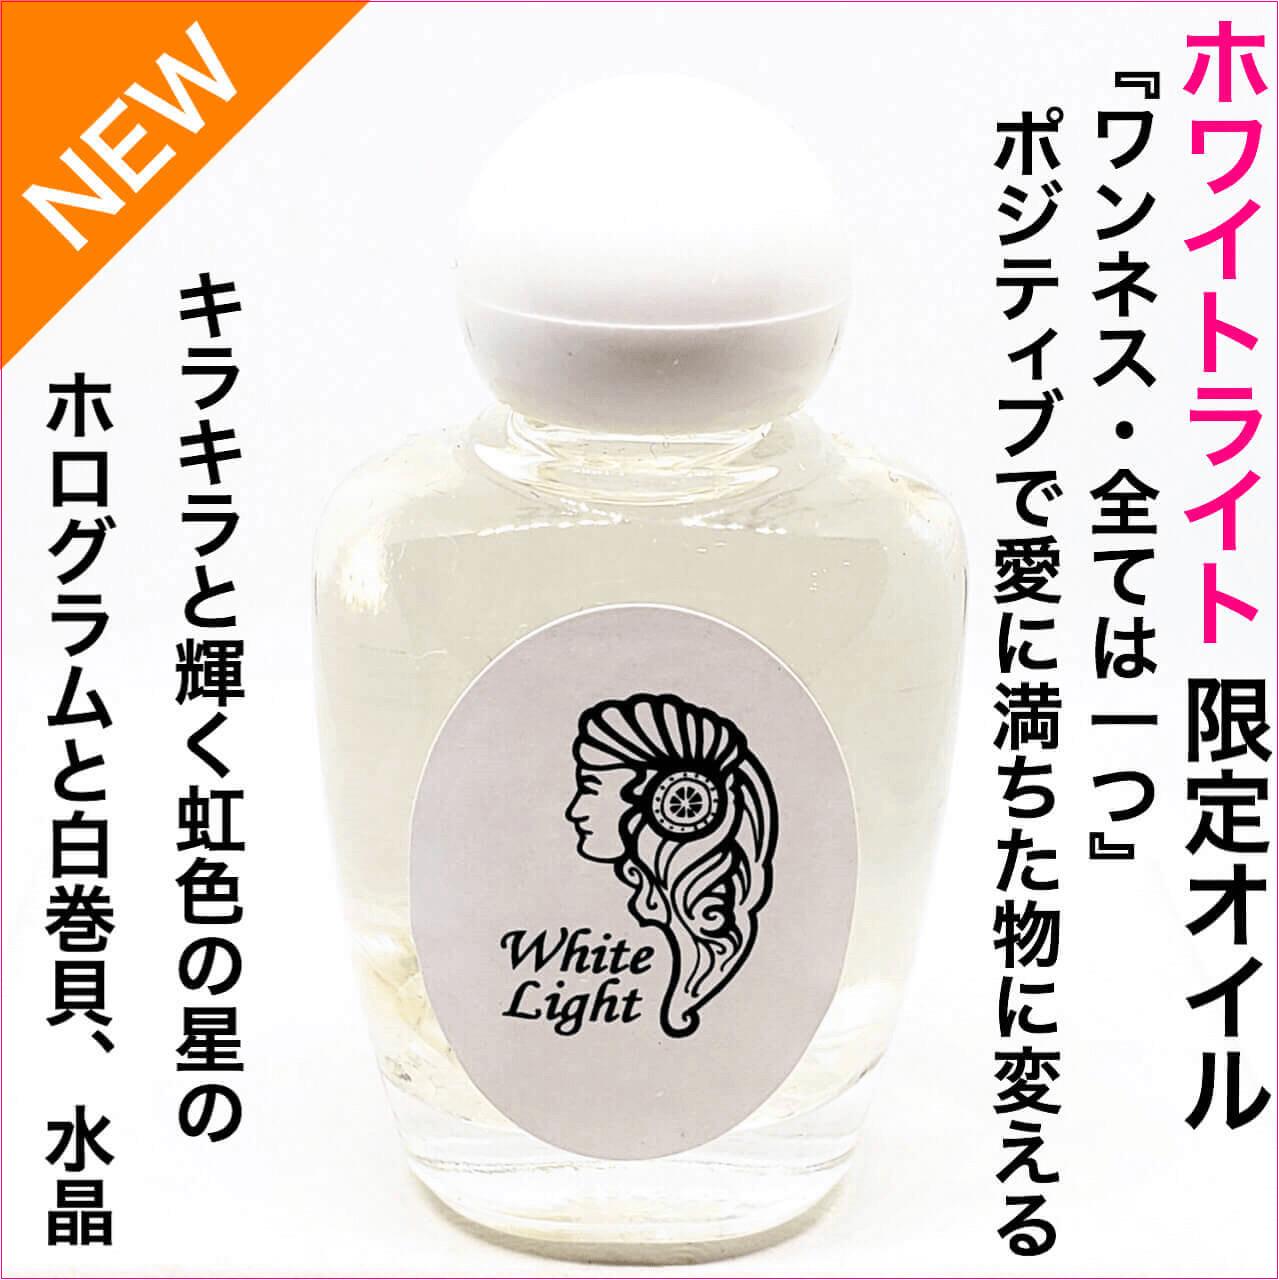 【入荷 NEW】限定版特別オイル White Light ホワイト・ライト Limited Edition2019-2020